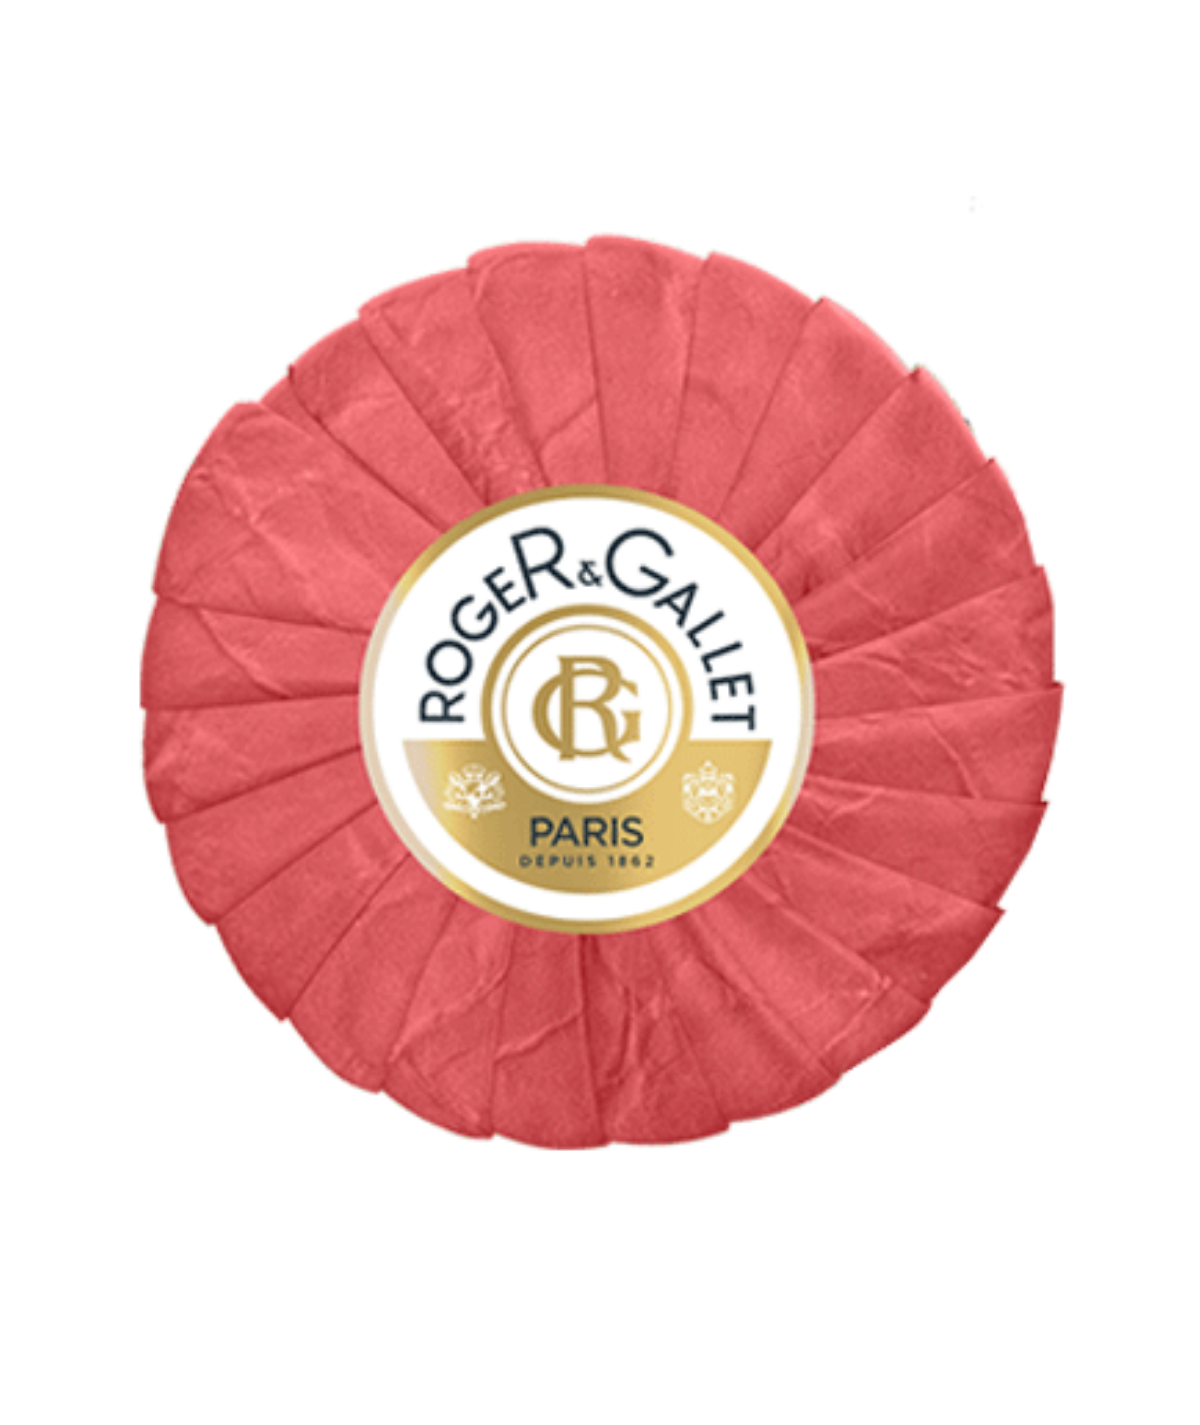 ROGER & GALLET JABON PERFUMADO 100 G PASTILLA 1 U